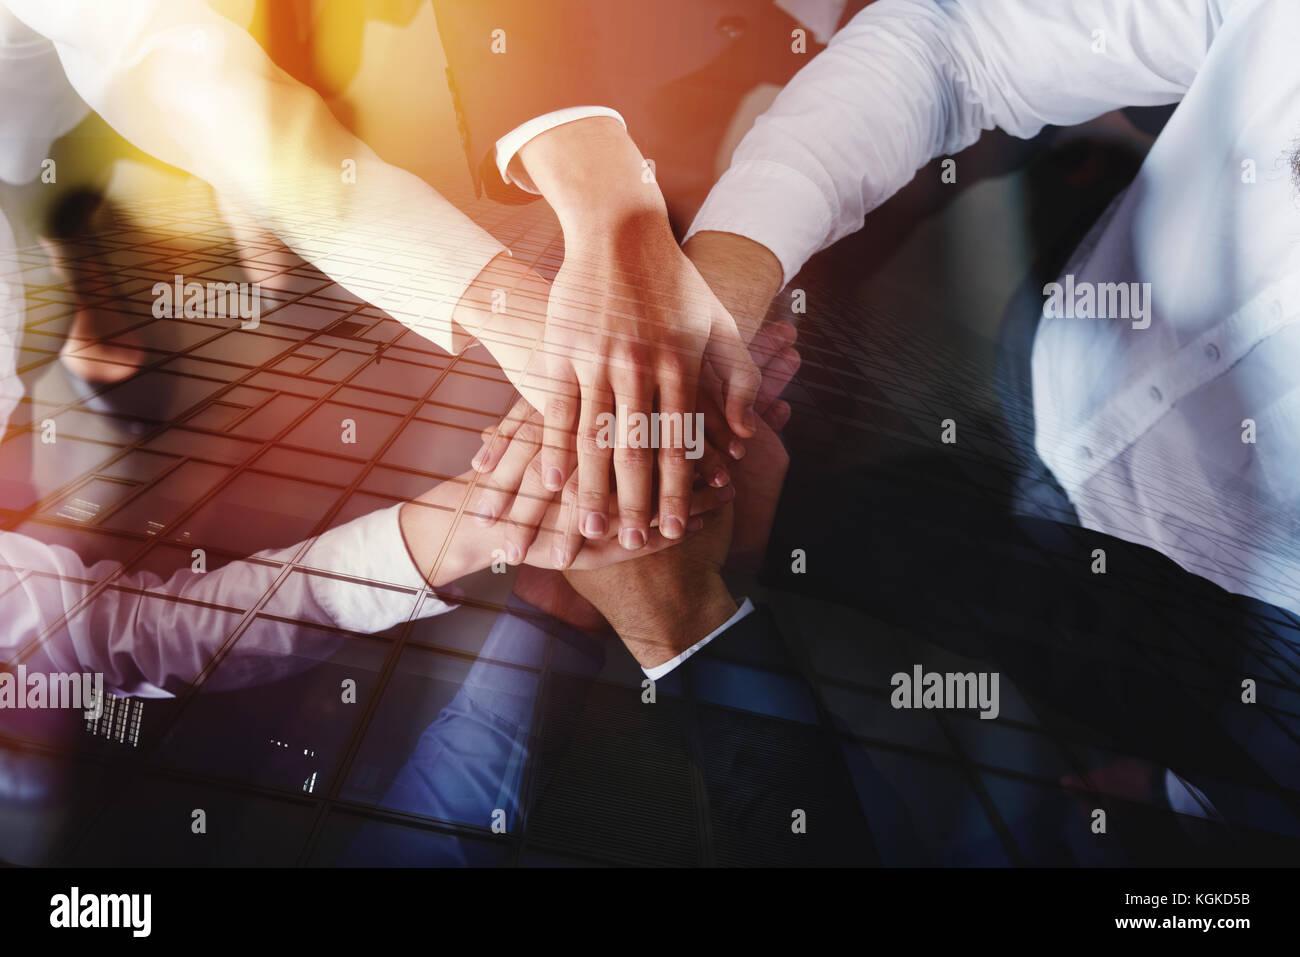 Gente de negocios uniendo sus manos en la oficina. El concepto de trabajo en equipo y colaboración con doble Imagen De Stock